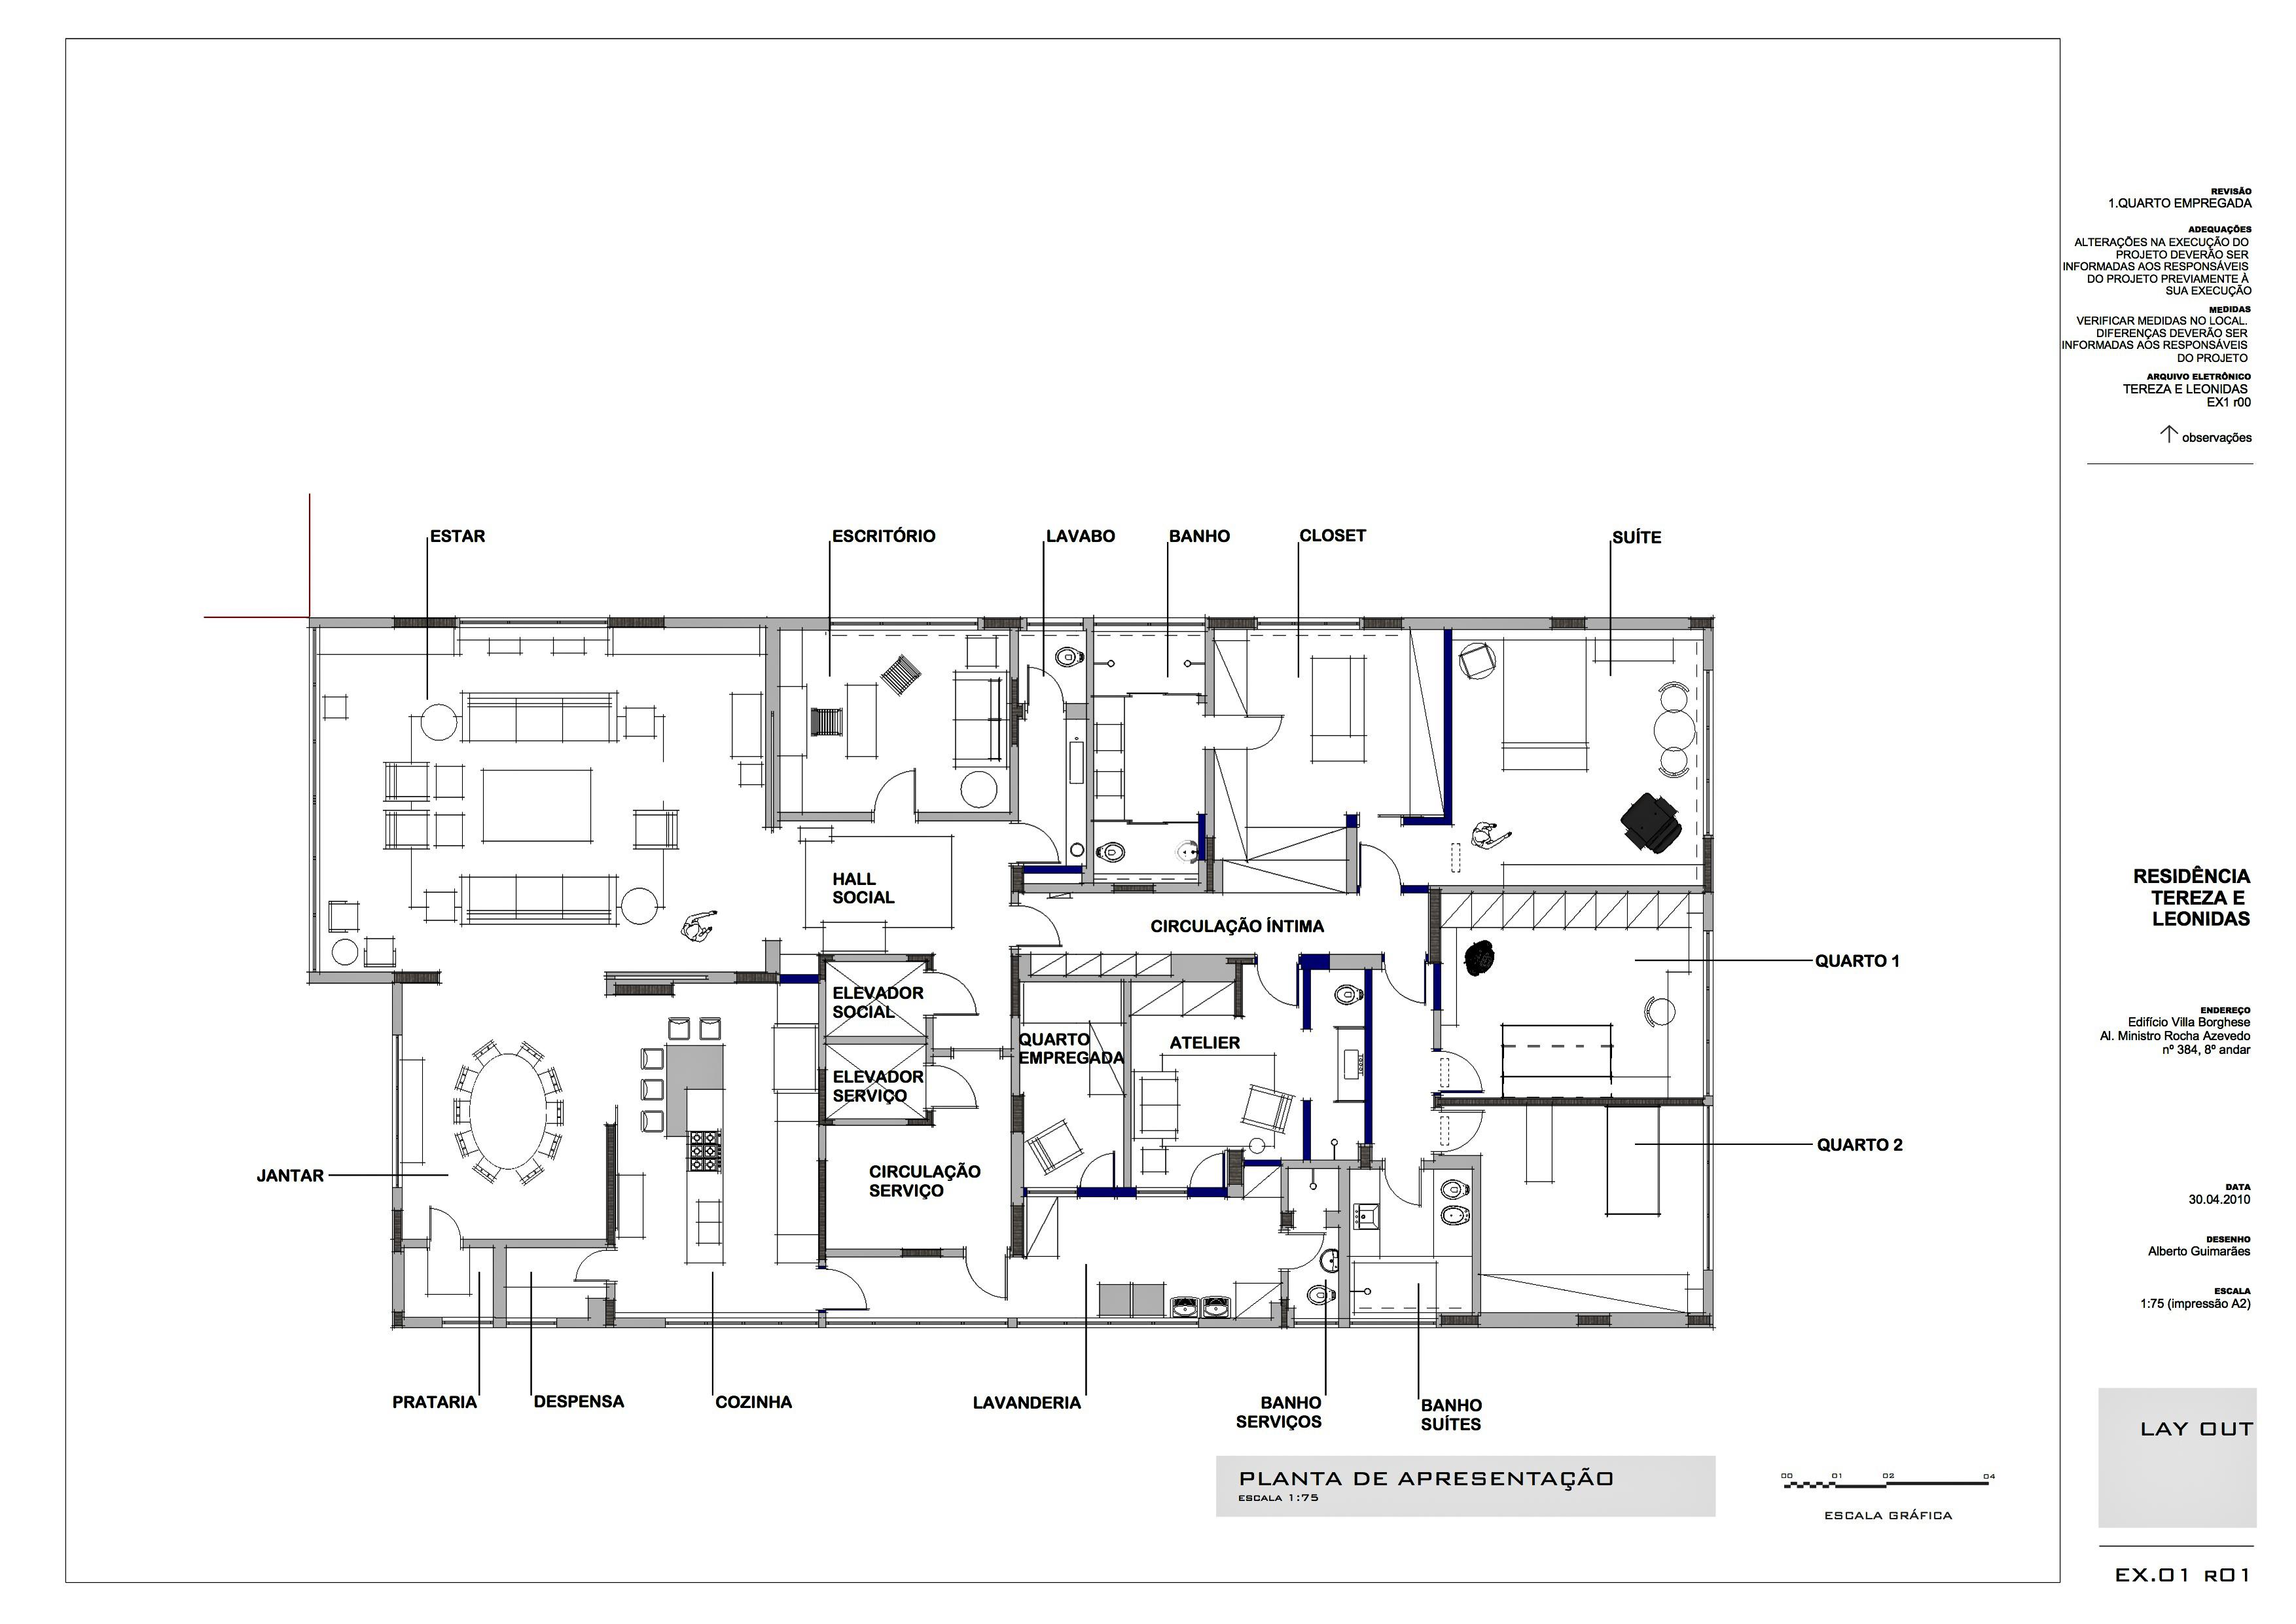 apartamento tereza. lay out